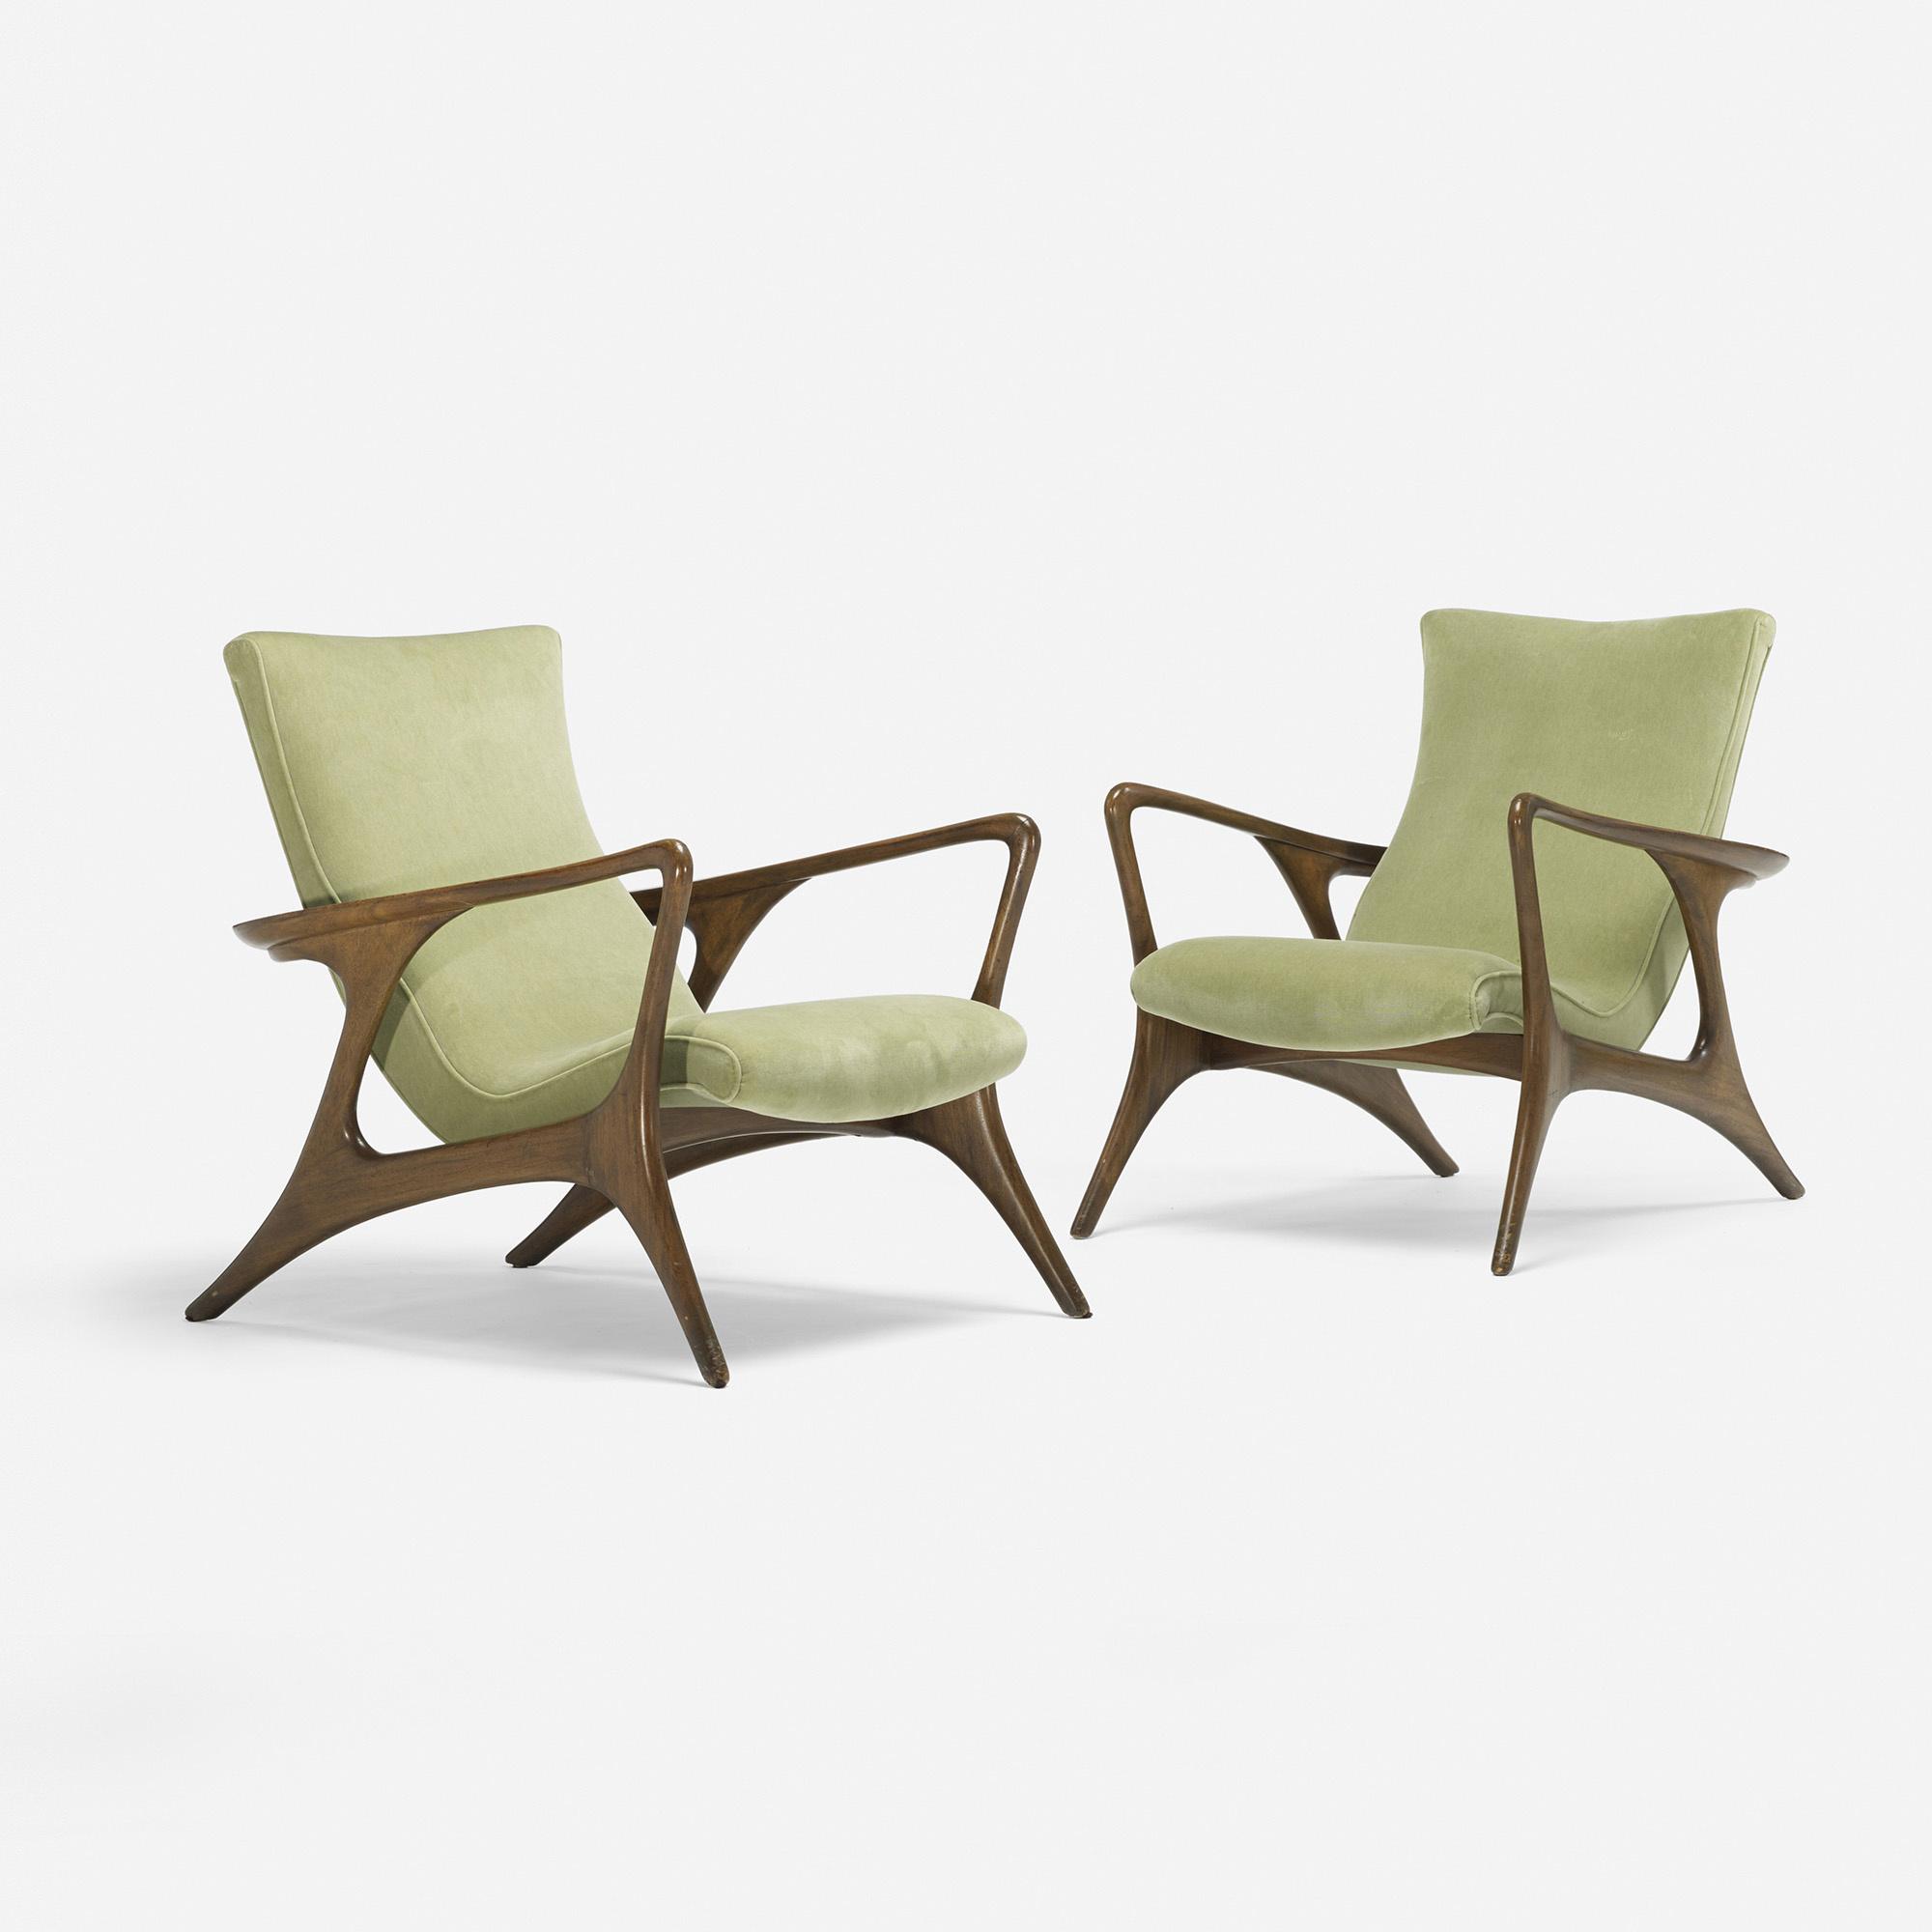 365 vladimir kagan contour lounge chairs pair for Furniture 365